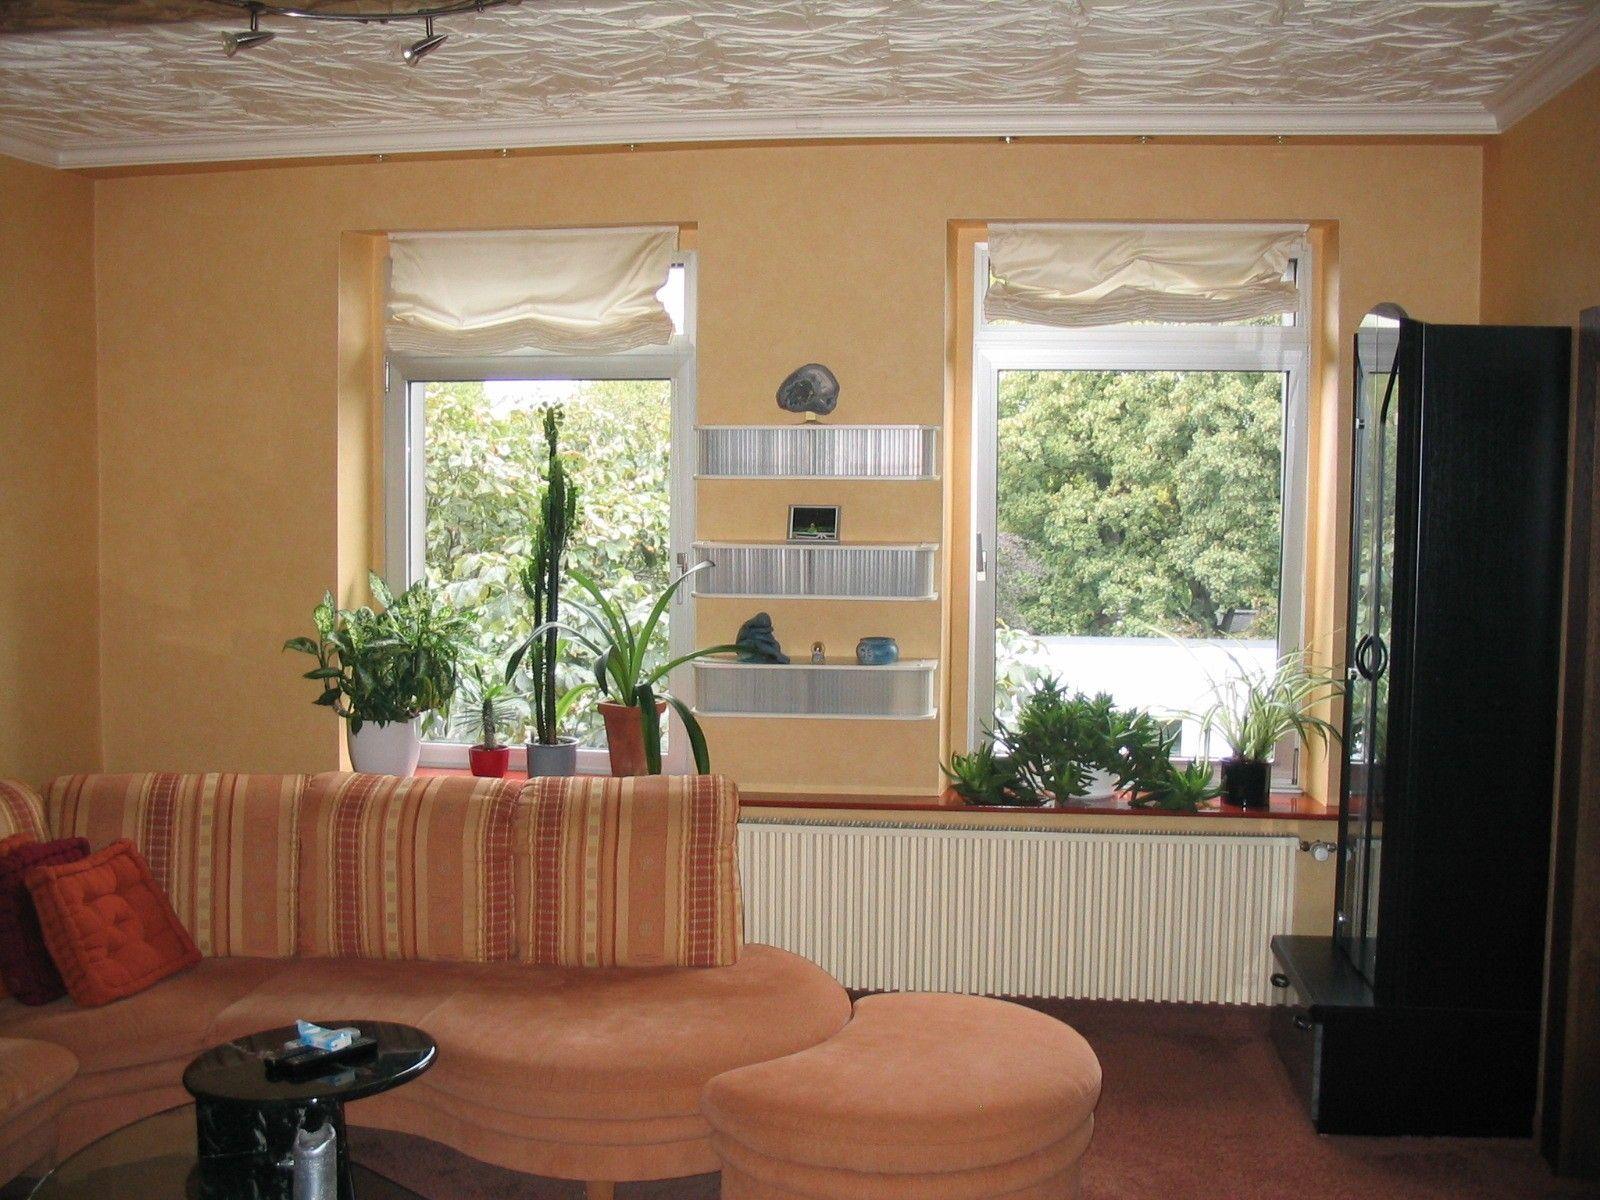 Innengestaltung Wohnzimmer \\u2013 brocoli.co   Kleines wohnzimmer ...